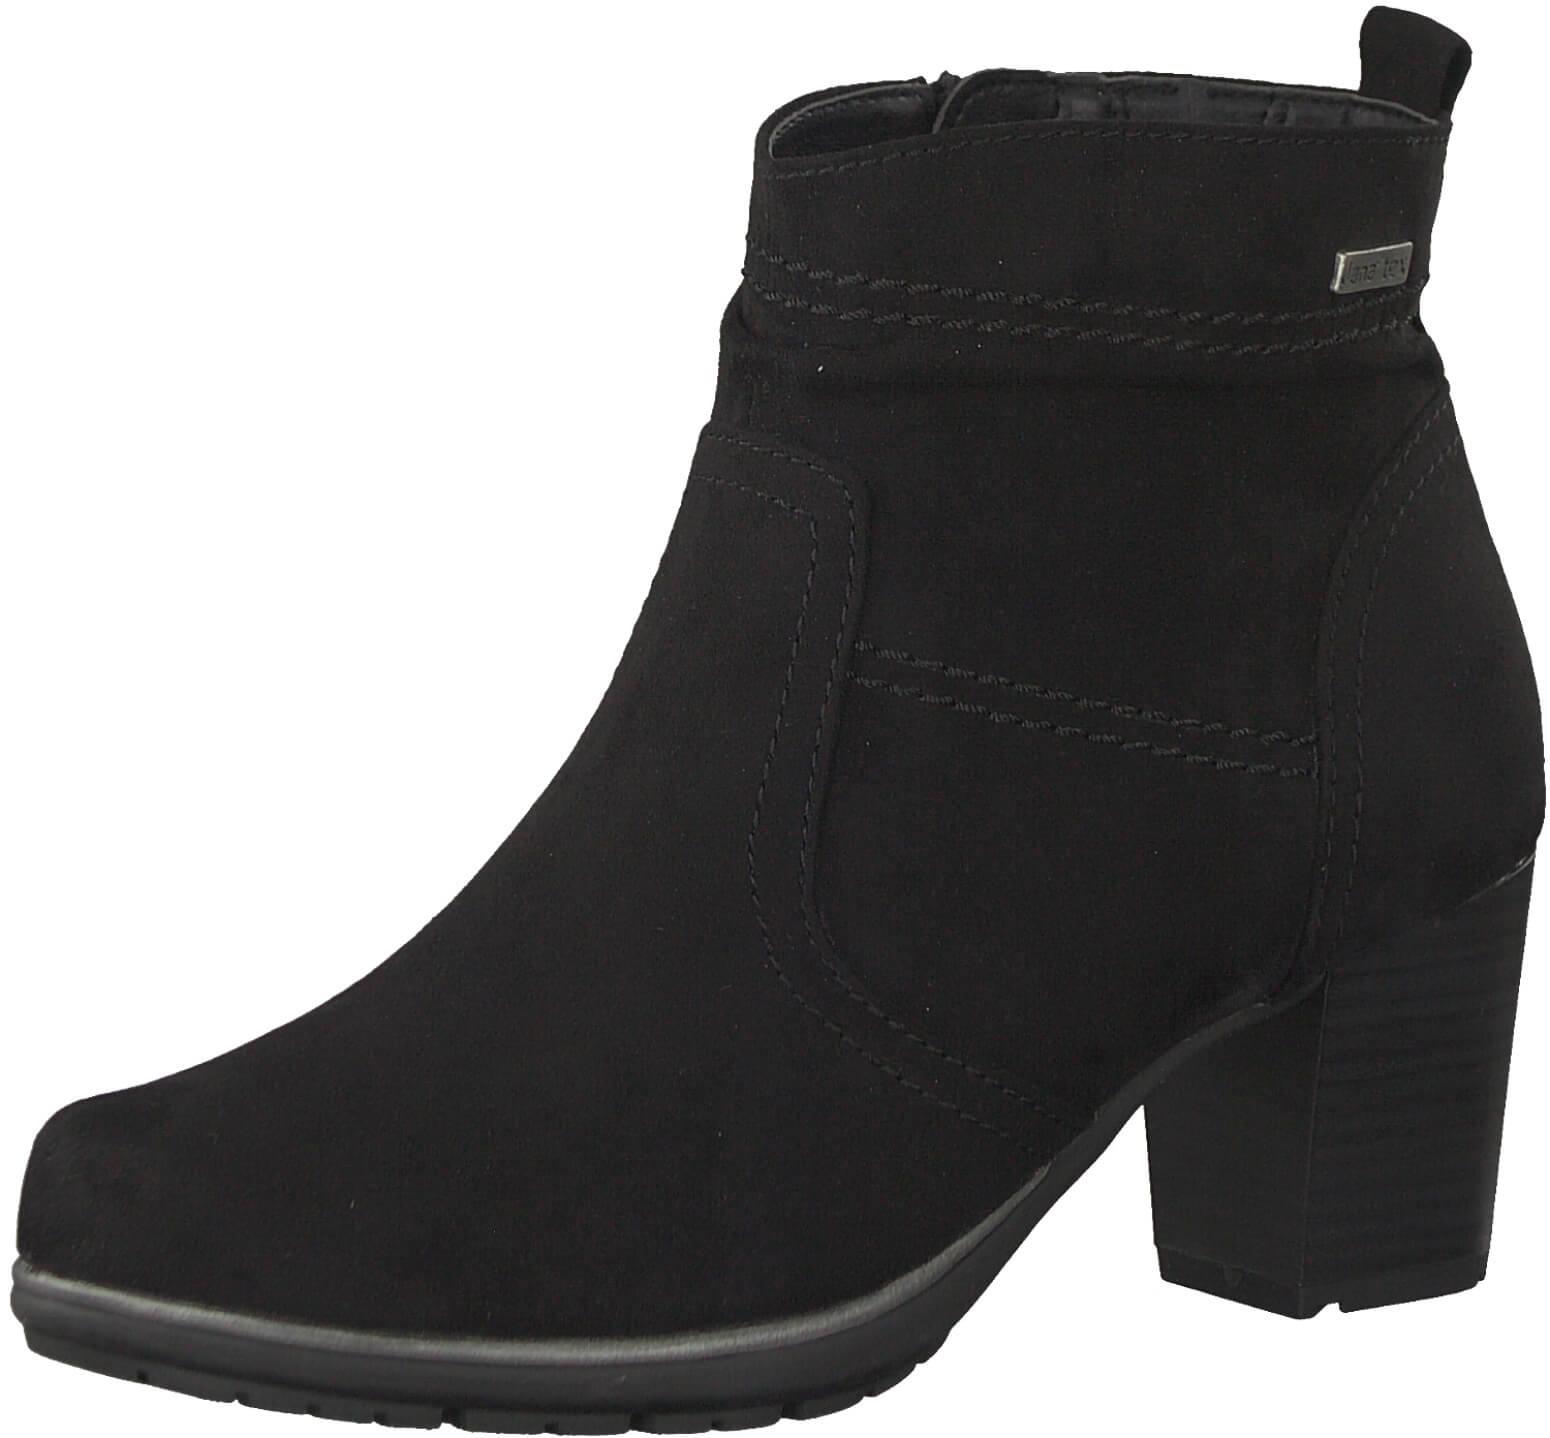 Jana Dámské kotníkové boty 8-8-26371-21 001 Black  b4934c7de8